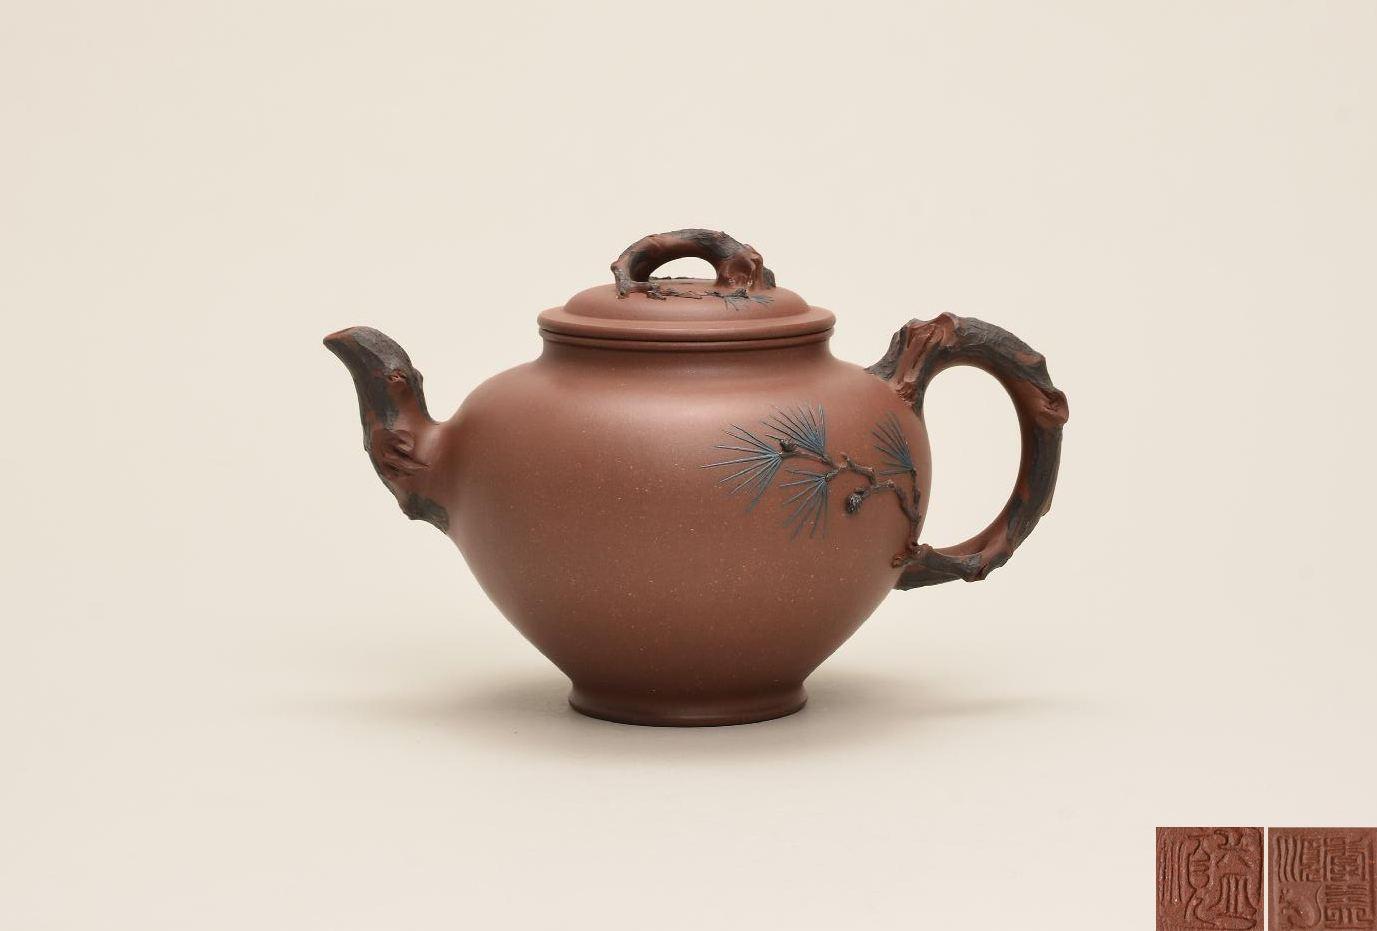 紫砂壶壶身为什么粗糙